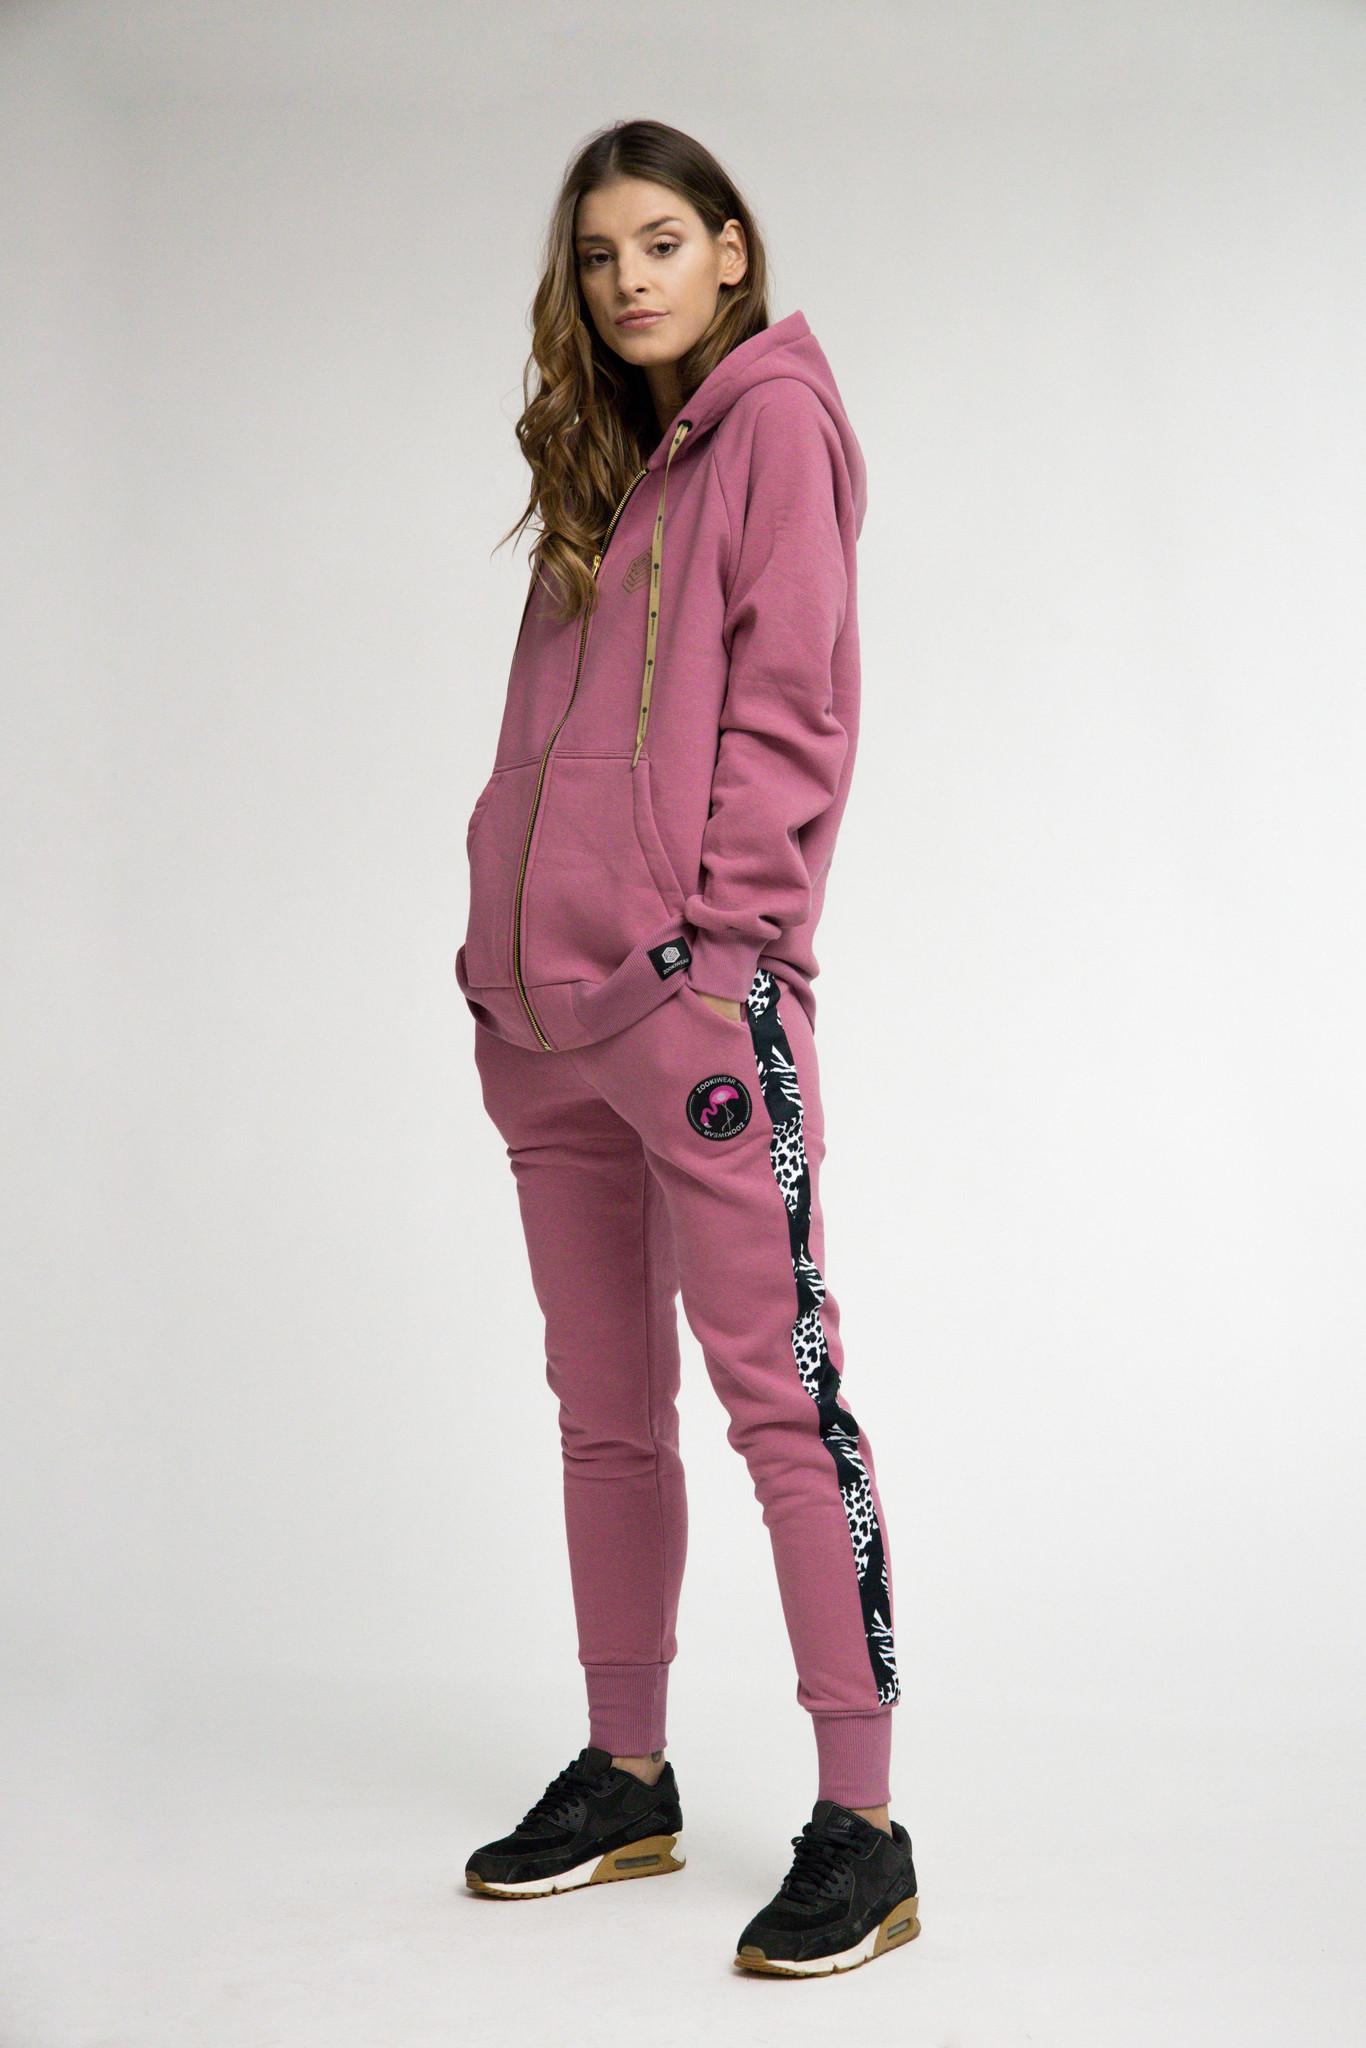 Spodnie Shaka Lilac Stripe B&W - spodnie dresowe- spodnie lilowe - spodnie luźne - Zooki Wear